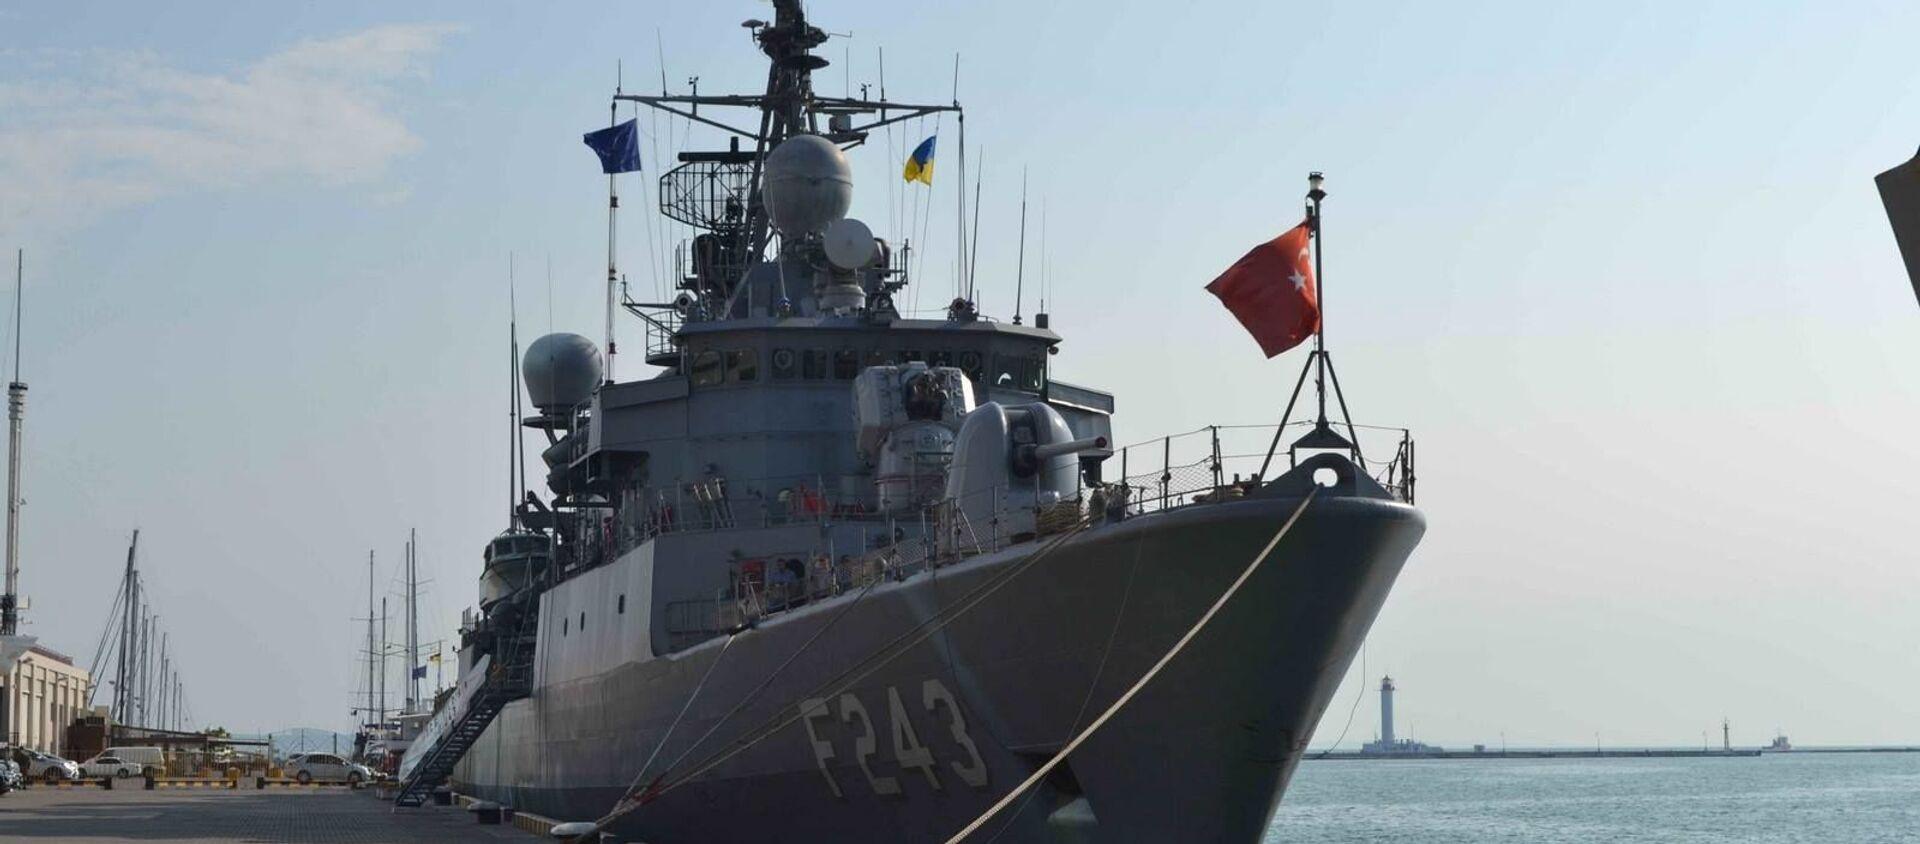 Tàu của nhóm hải quân NATO thường trực tại cảng Odessa. - Sputnik Việt Nam, 1920, 08.04.2021